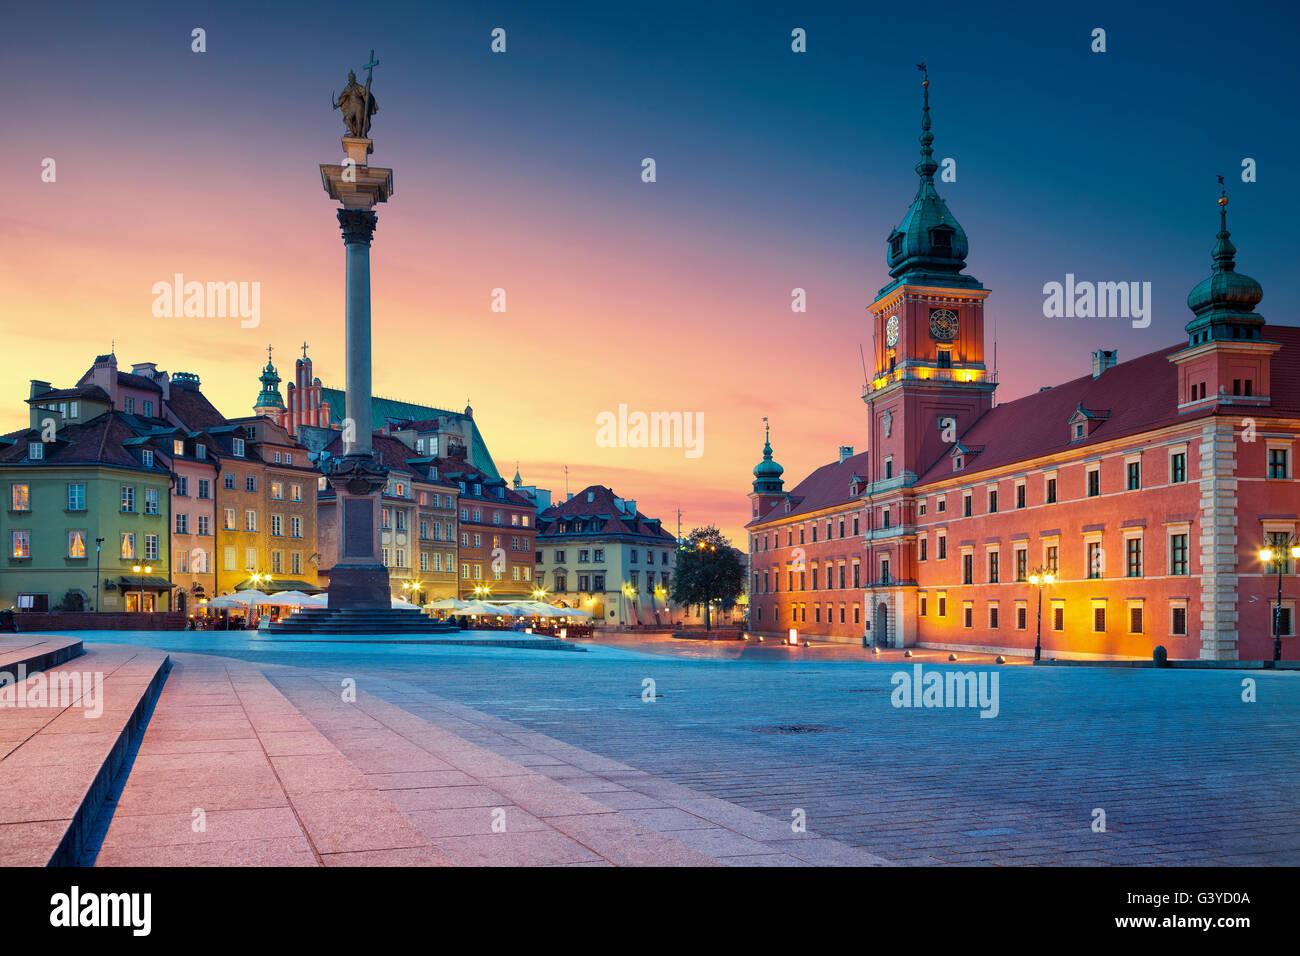 Varsovia. Imagen del casco antiguo de Varsovia, Polonia durante la puesta de sol. Imagen De Stock